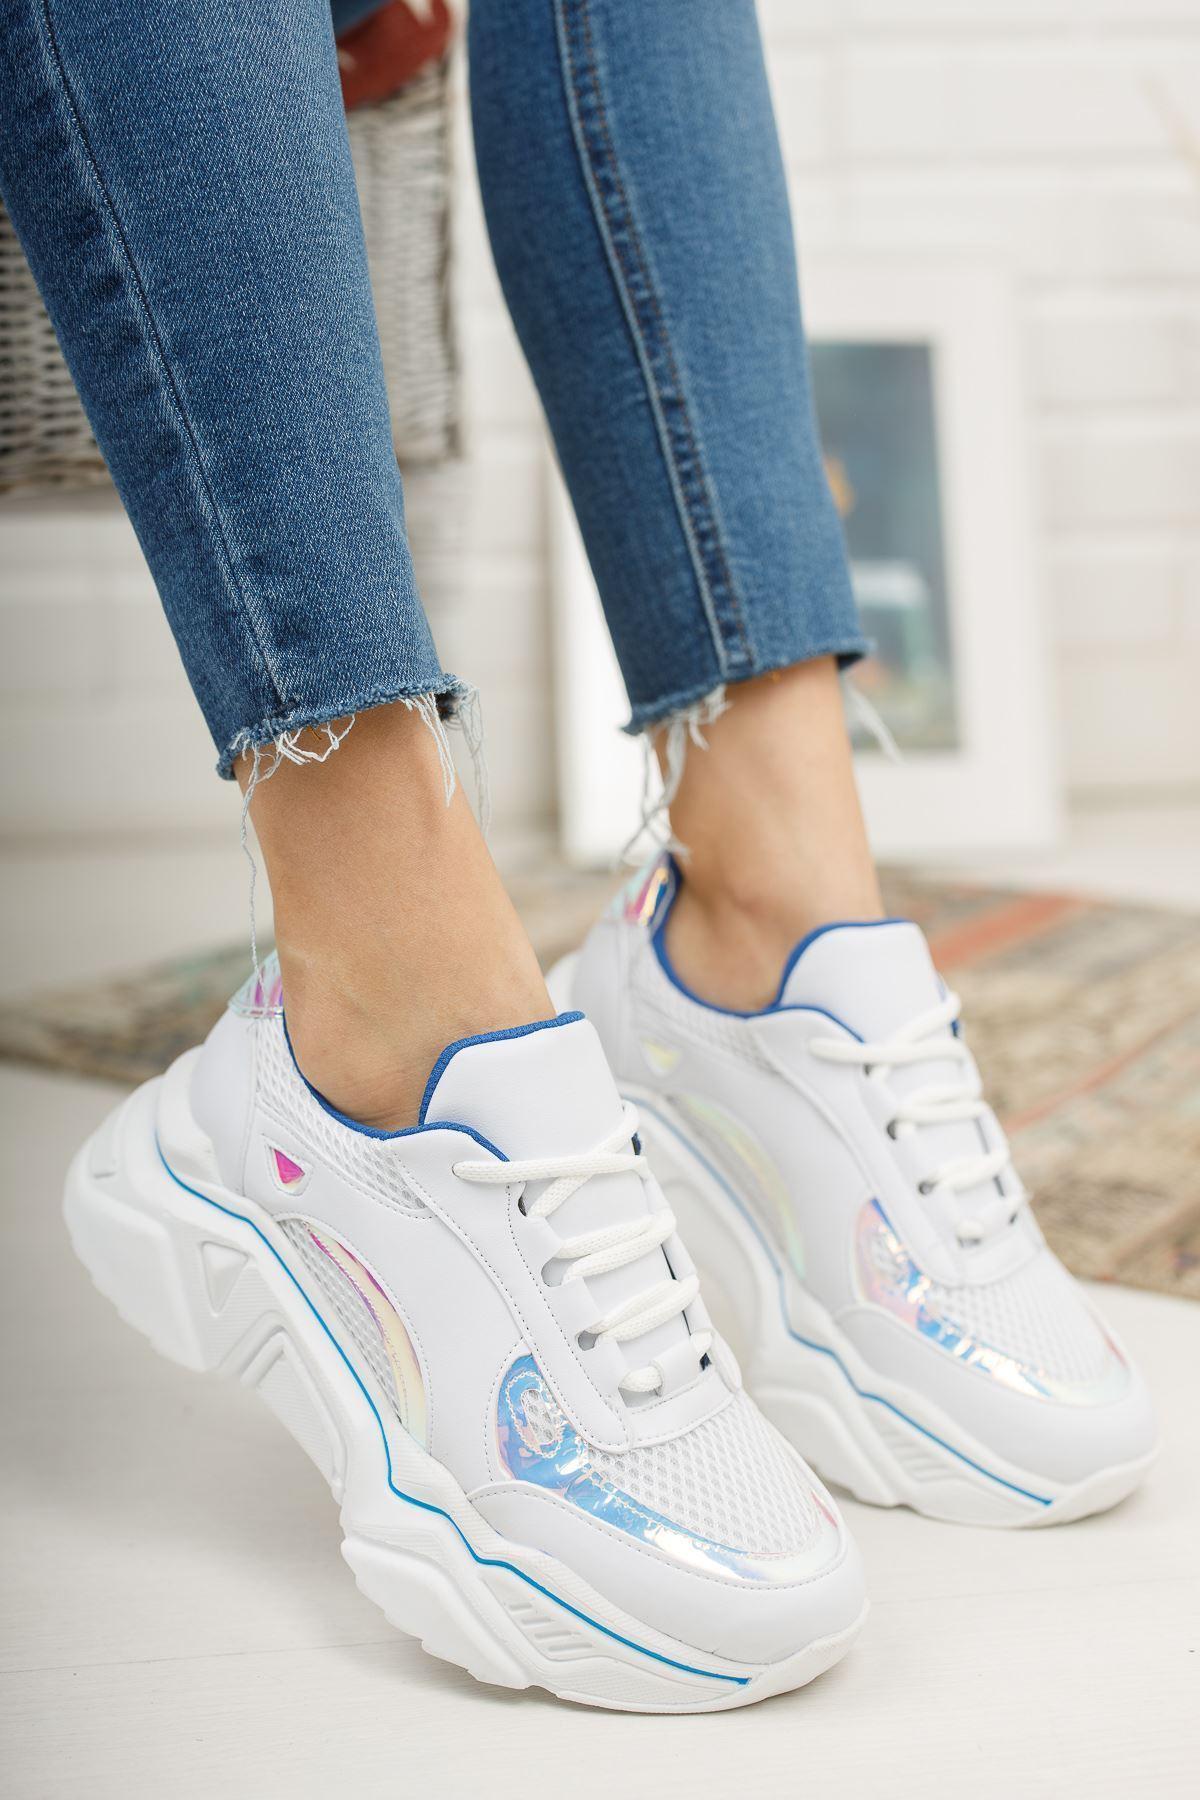 Loza Beyaz Mat Hologram Bağcıklı Kadın Spor Ayakkabı